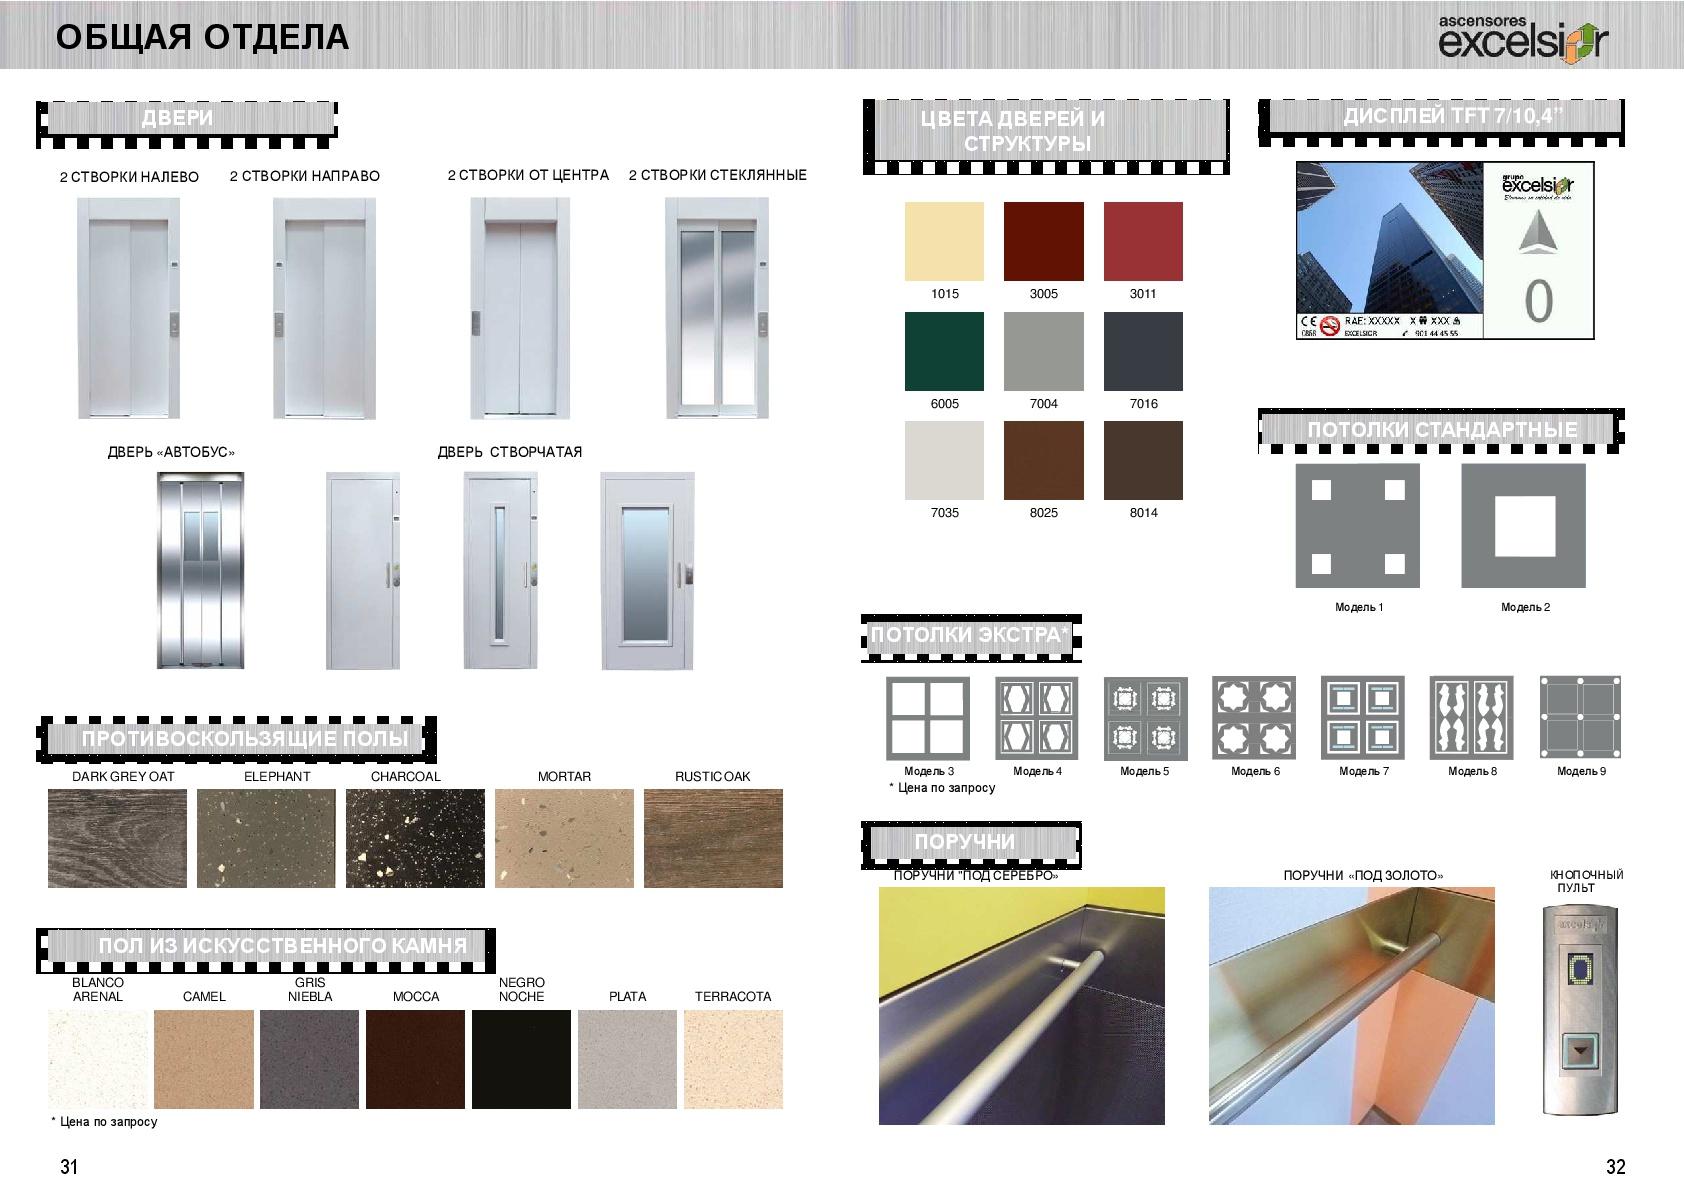 Complementos para ascensores residenciales. Catálogo en ruso